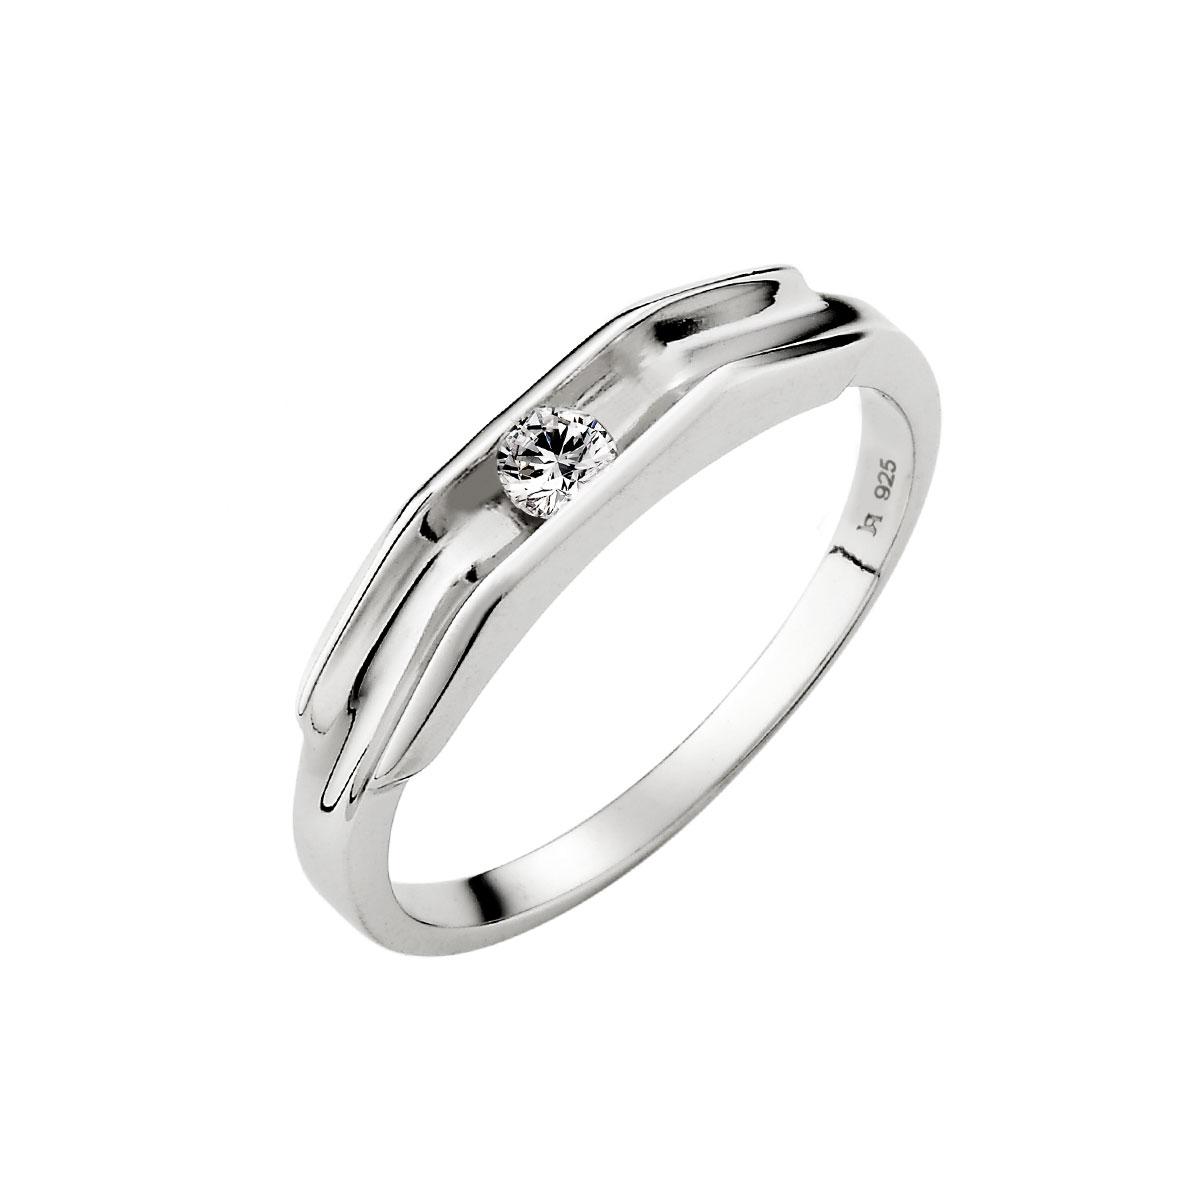 KSW263 純愛單鑽戒指